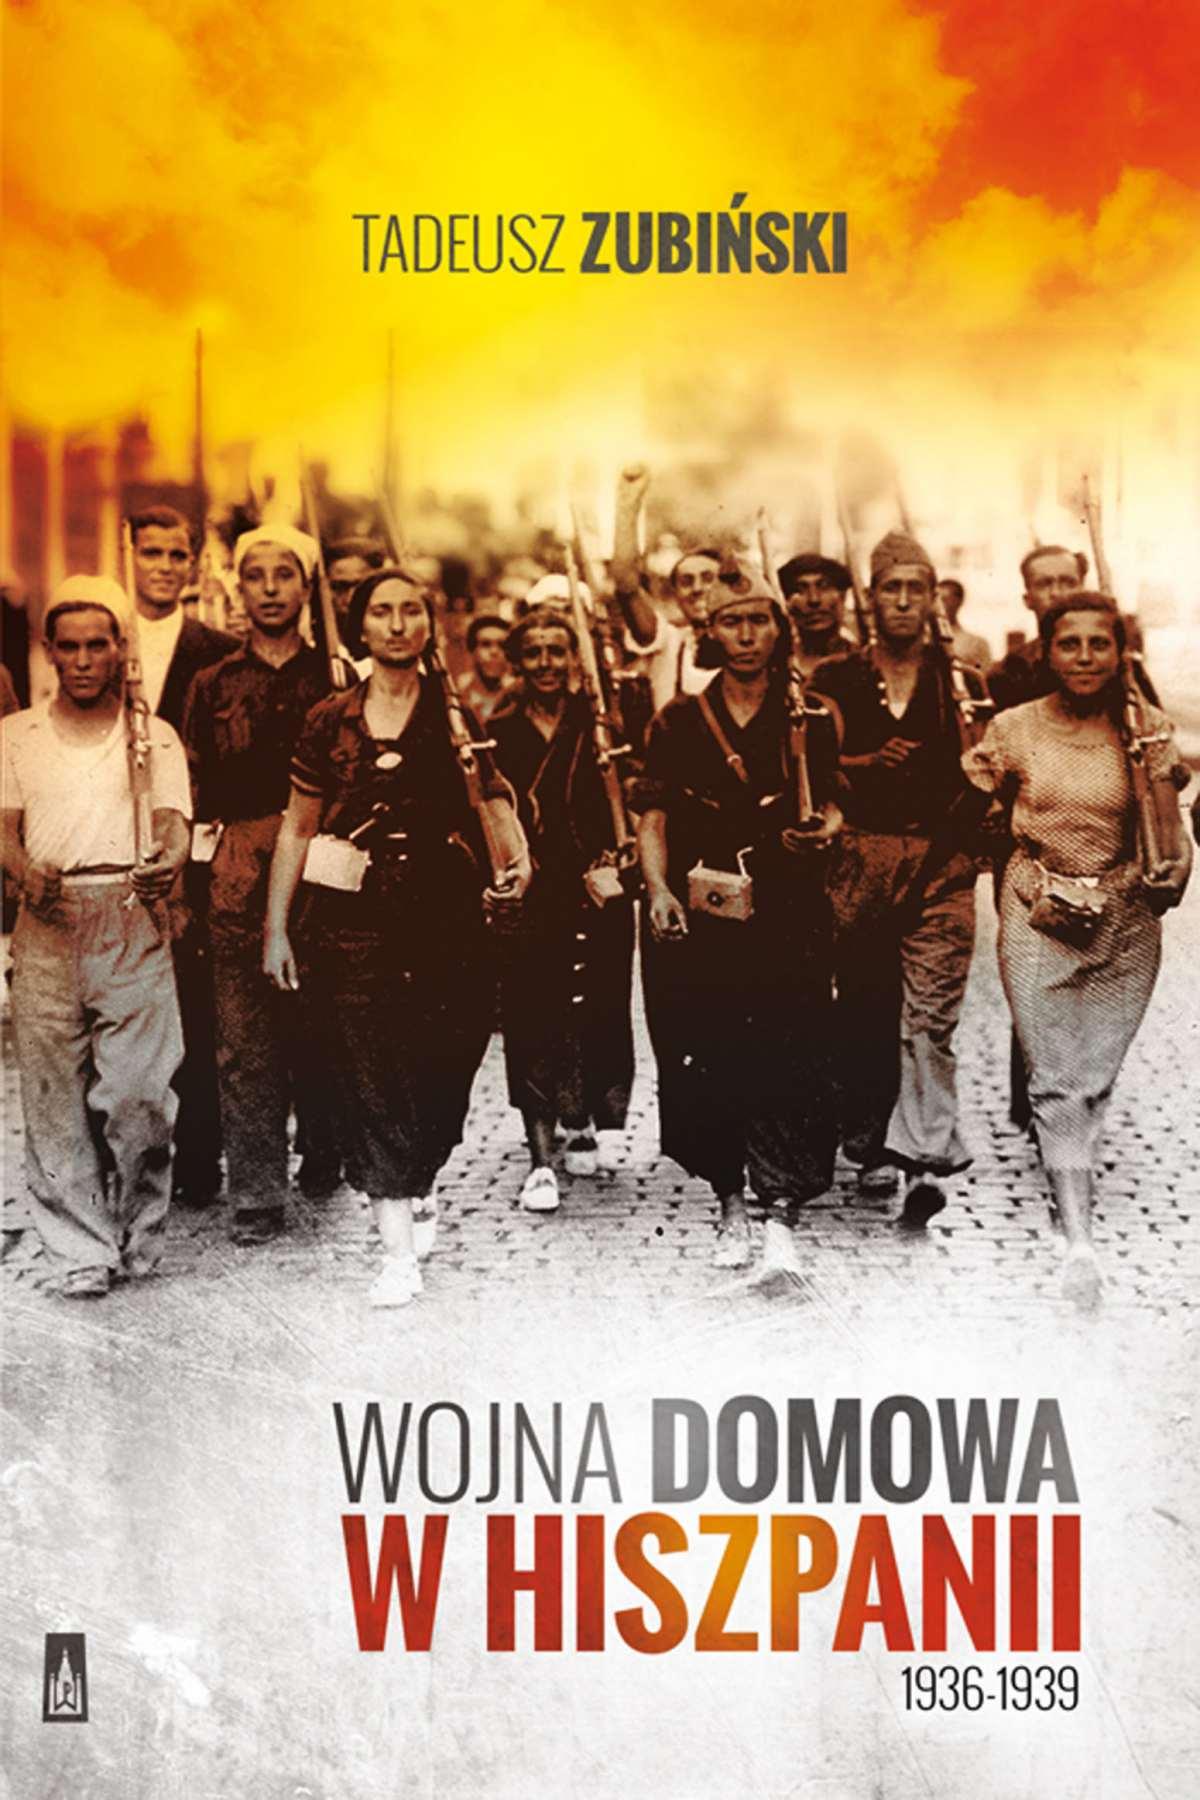 Wojna domowa w Hiszpanii 1936-1939 - Ebook (Książka na Kindle) do pobrania w formacie MOBI